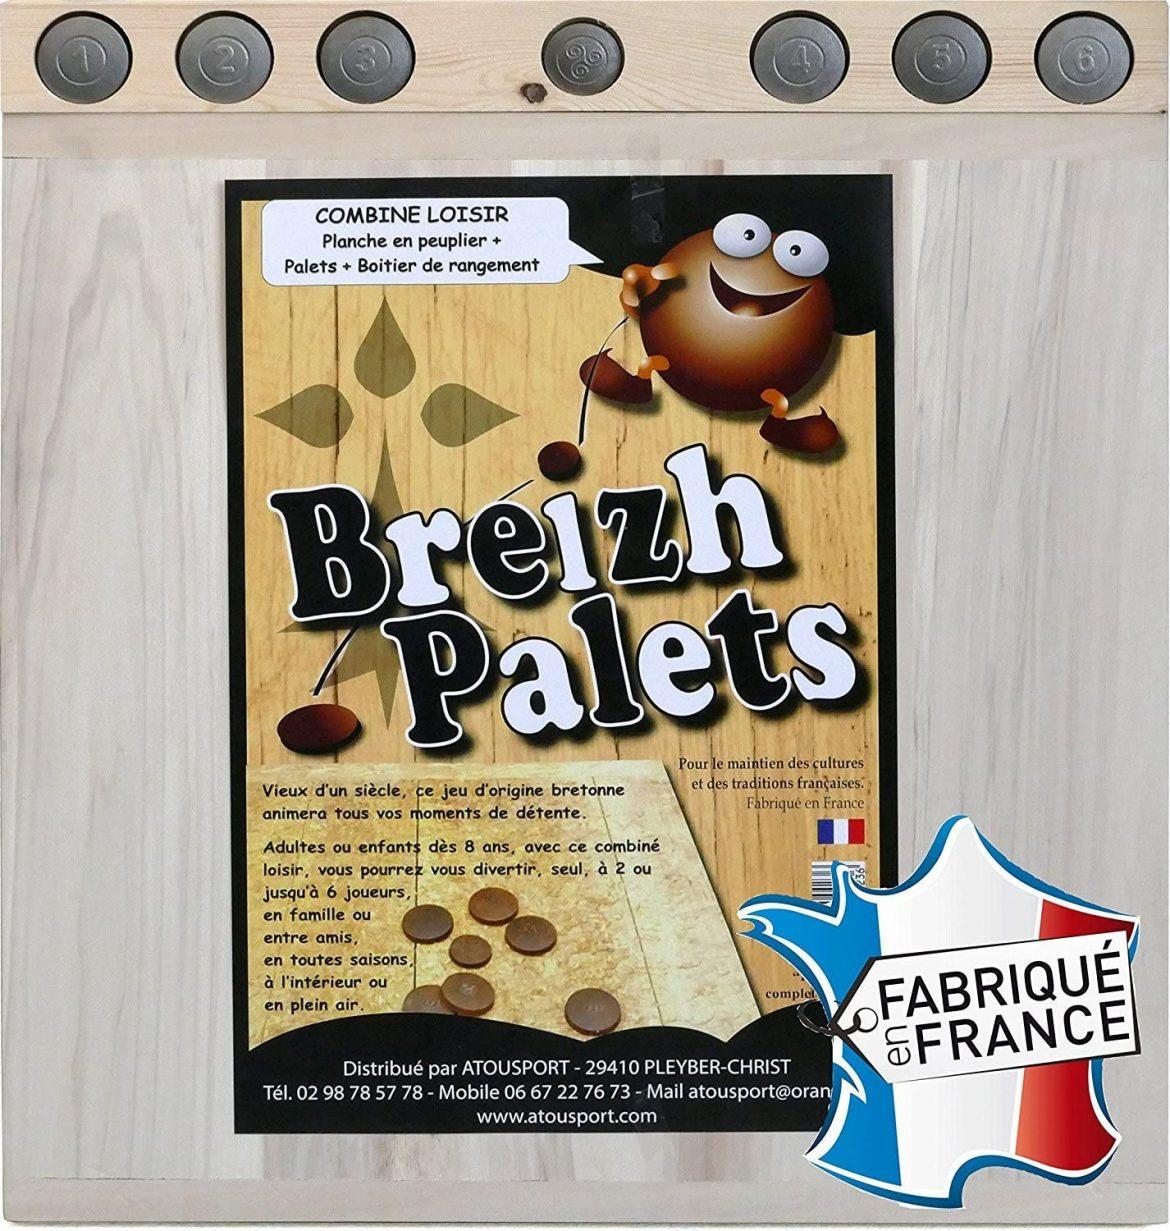 Le jeu du palet breton qu'est-ce que c'est ?